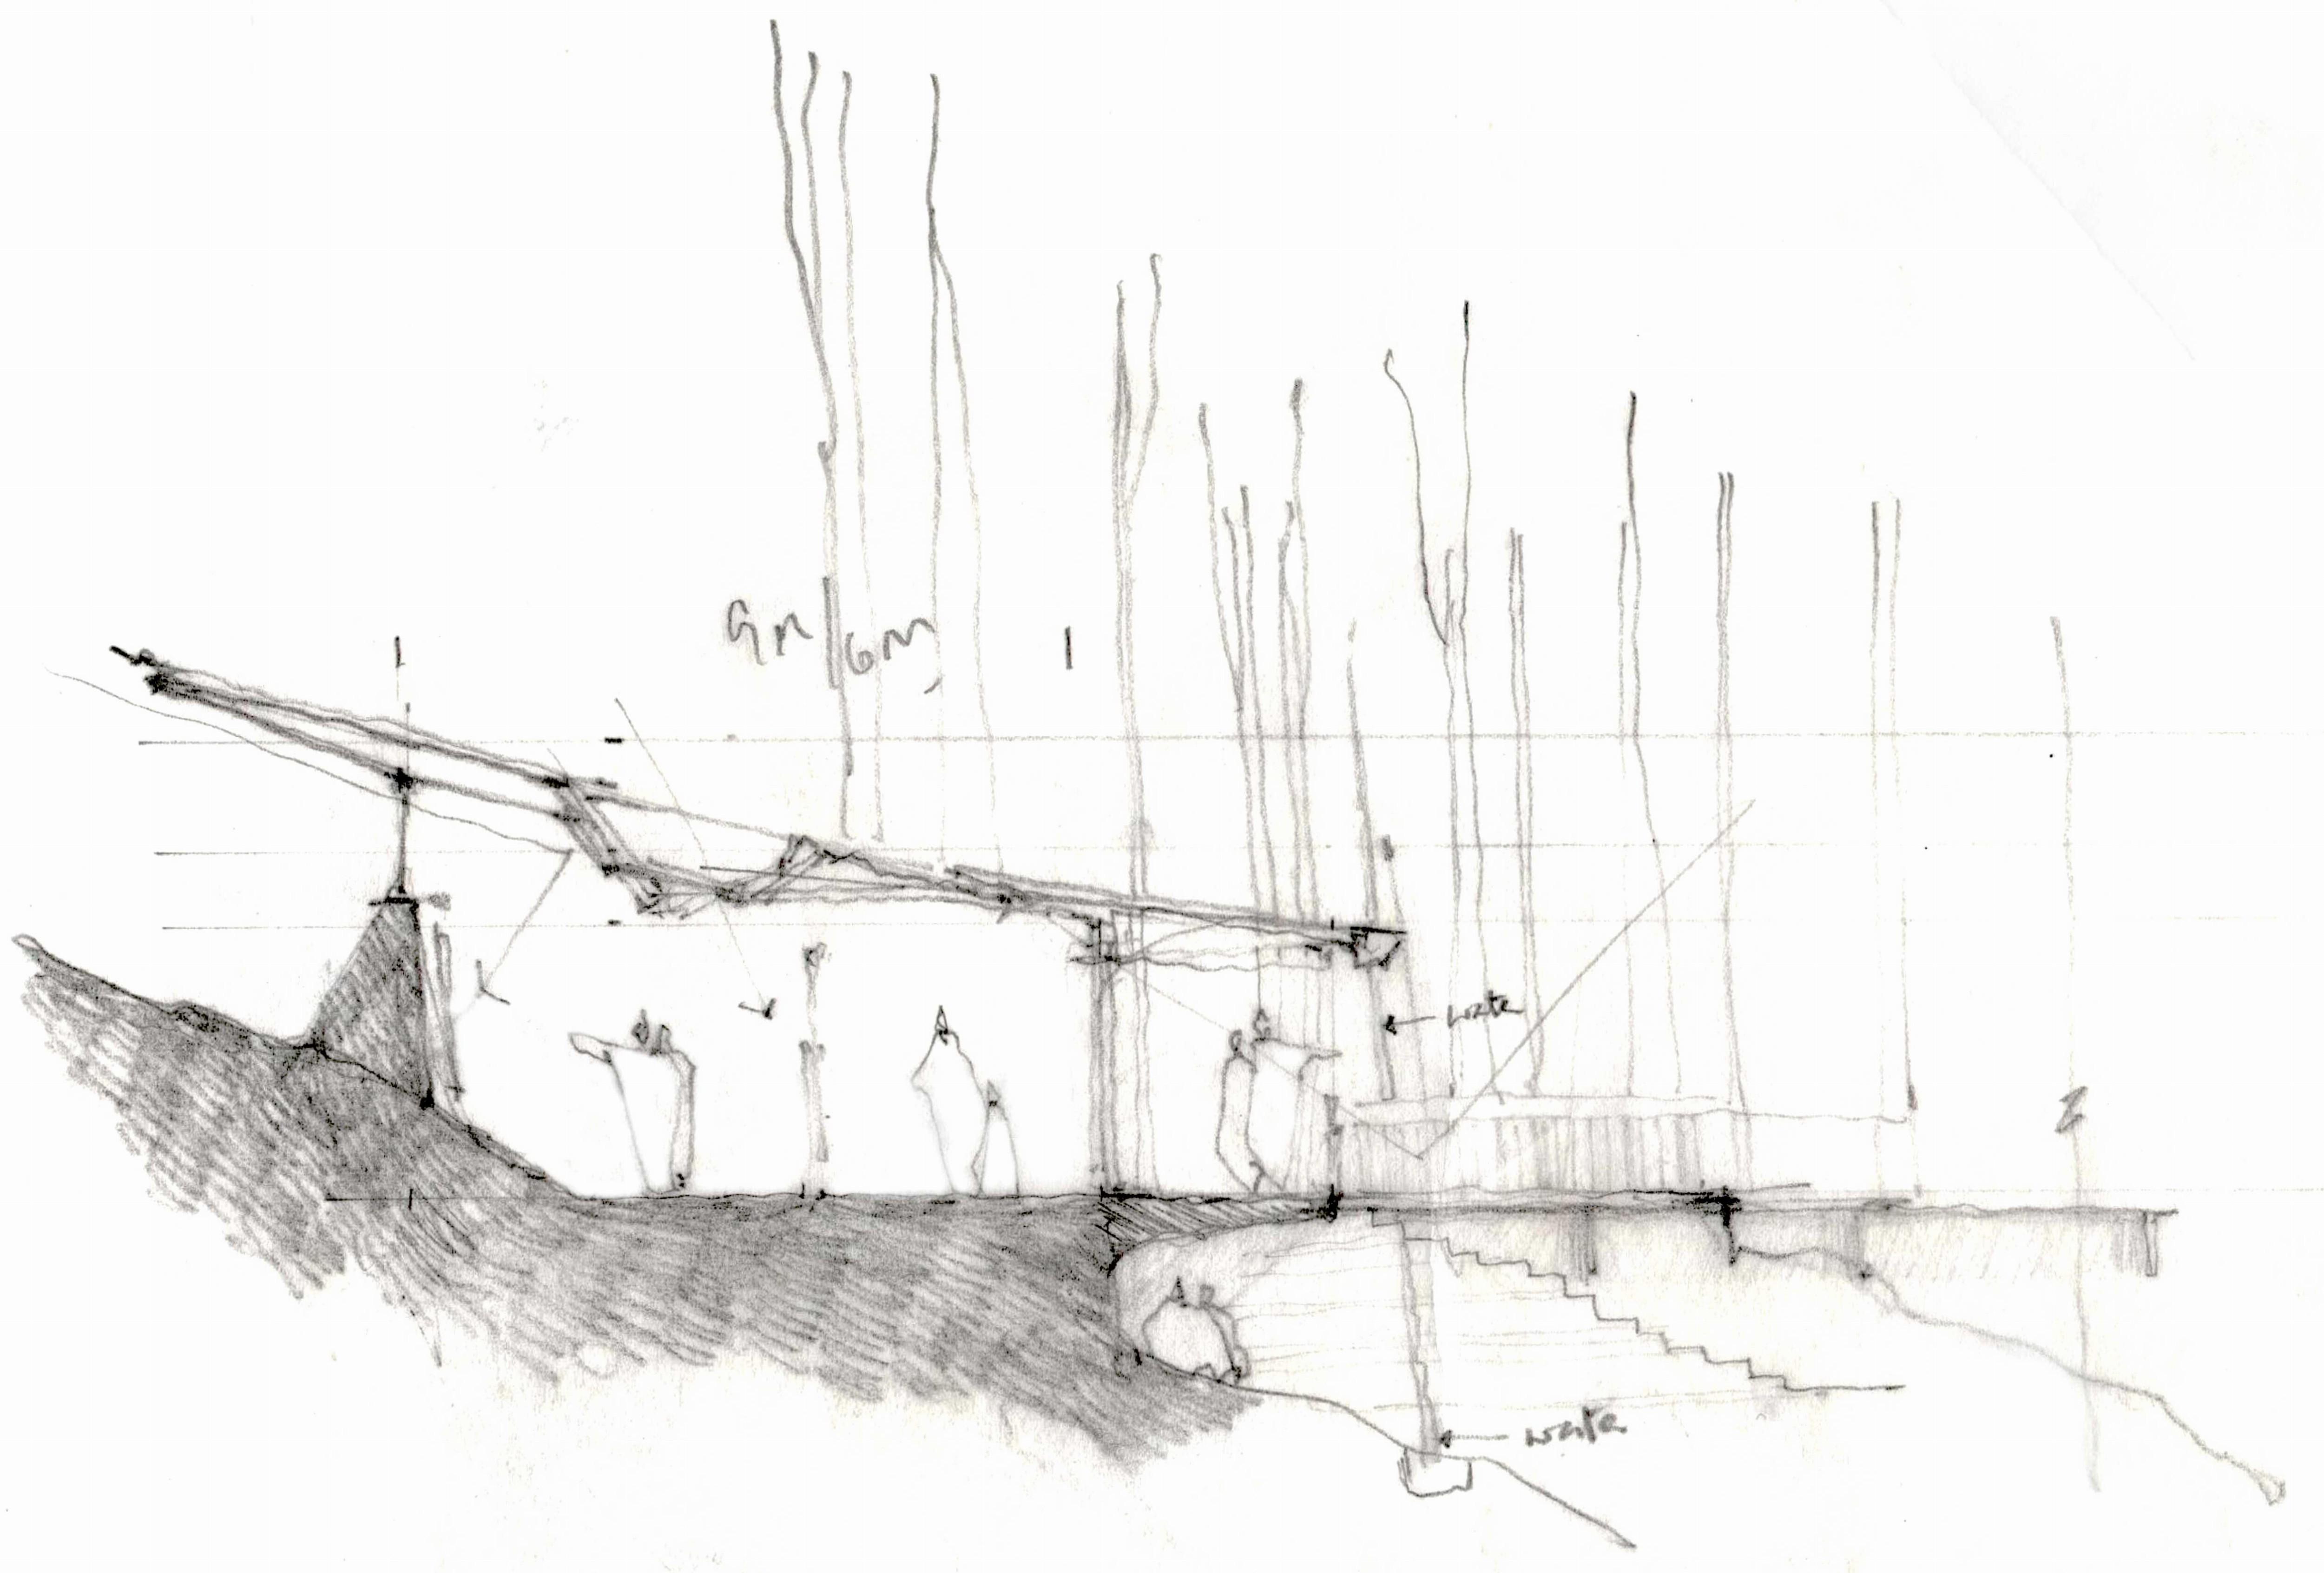 Glenn murcutt thinking drawing working drawing pdf